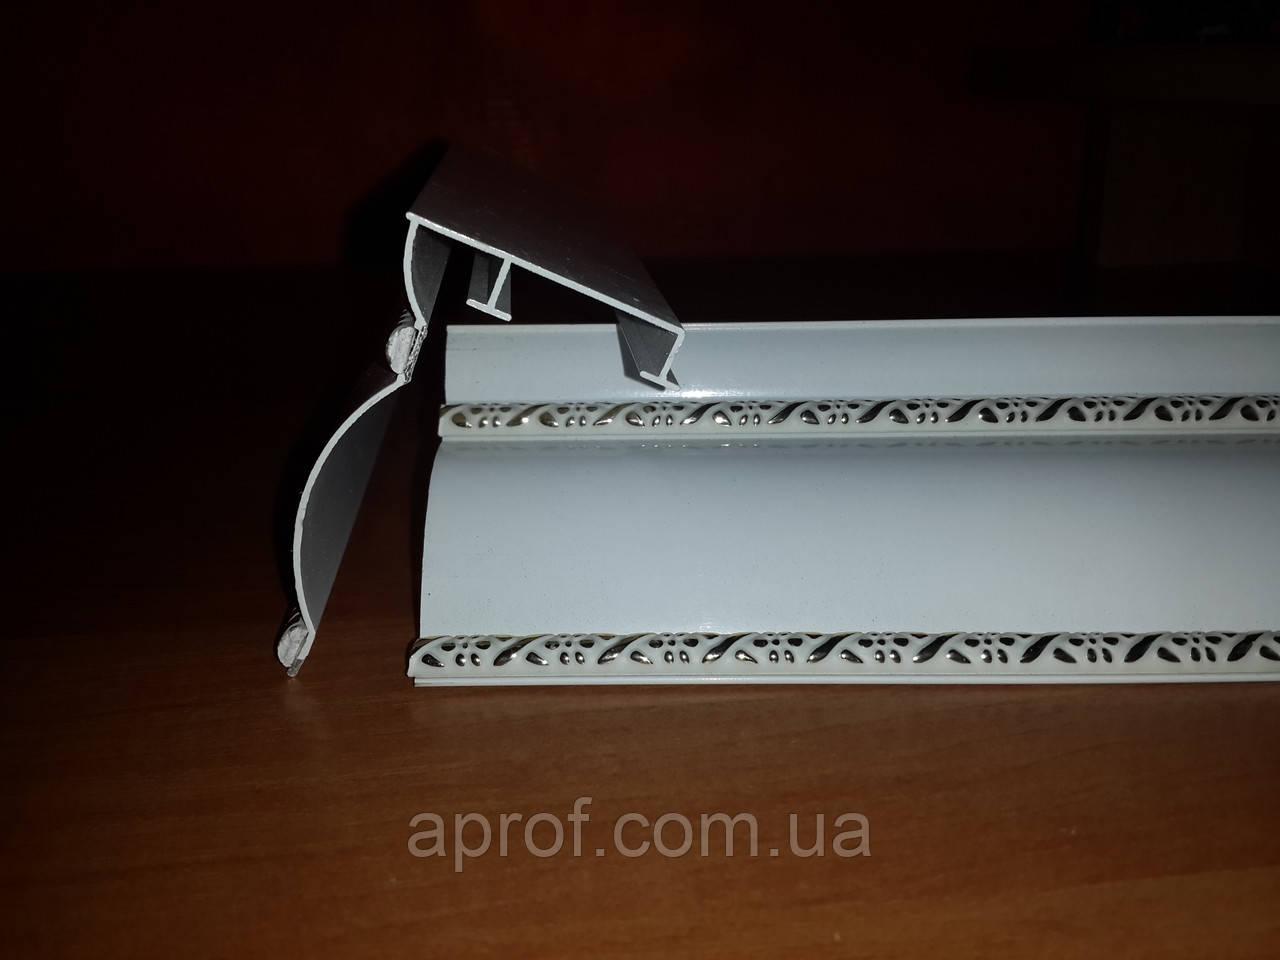 Карниз алюмінієвий БПО-08 (дворядний)